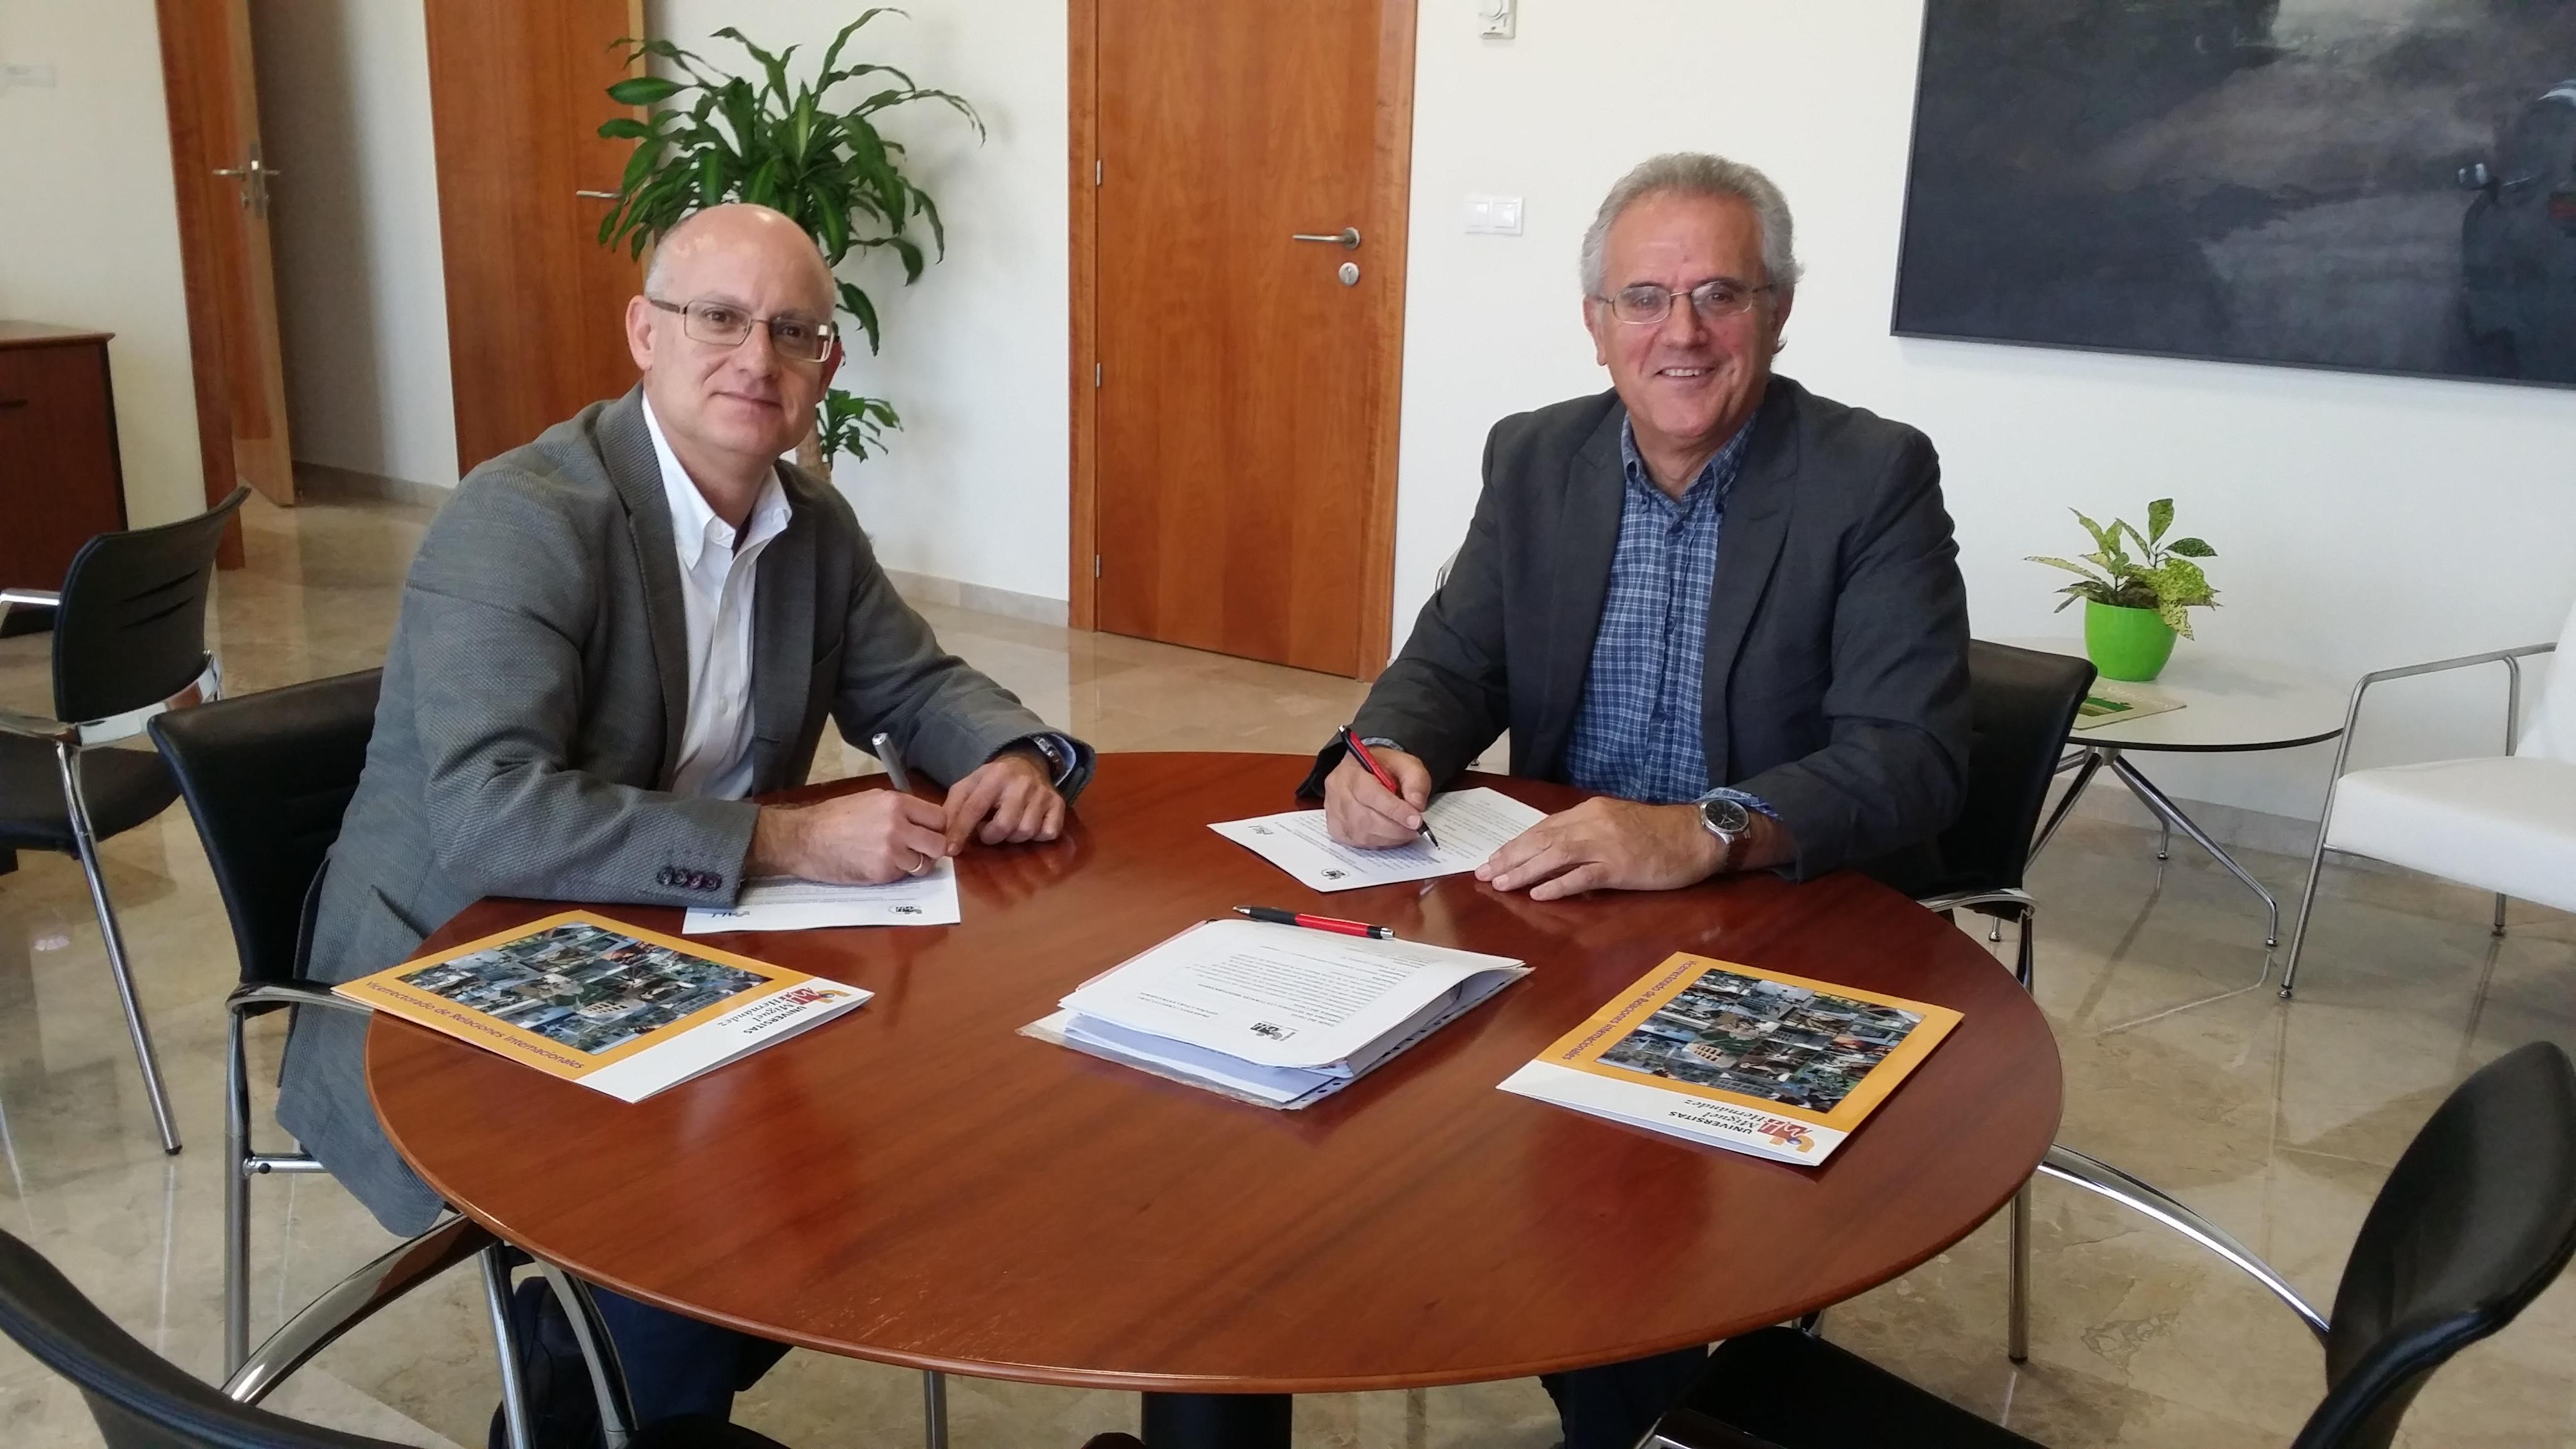 Vicente Micol, vicerrector de Relaciones Internacionales, con Armando Miguélez, director del Academic Language Institute de Alicante